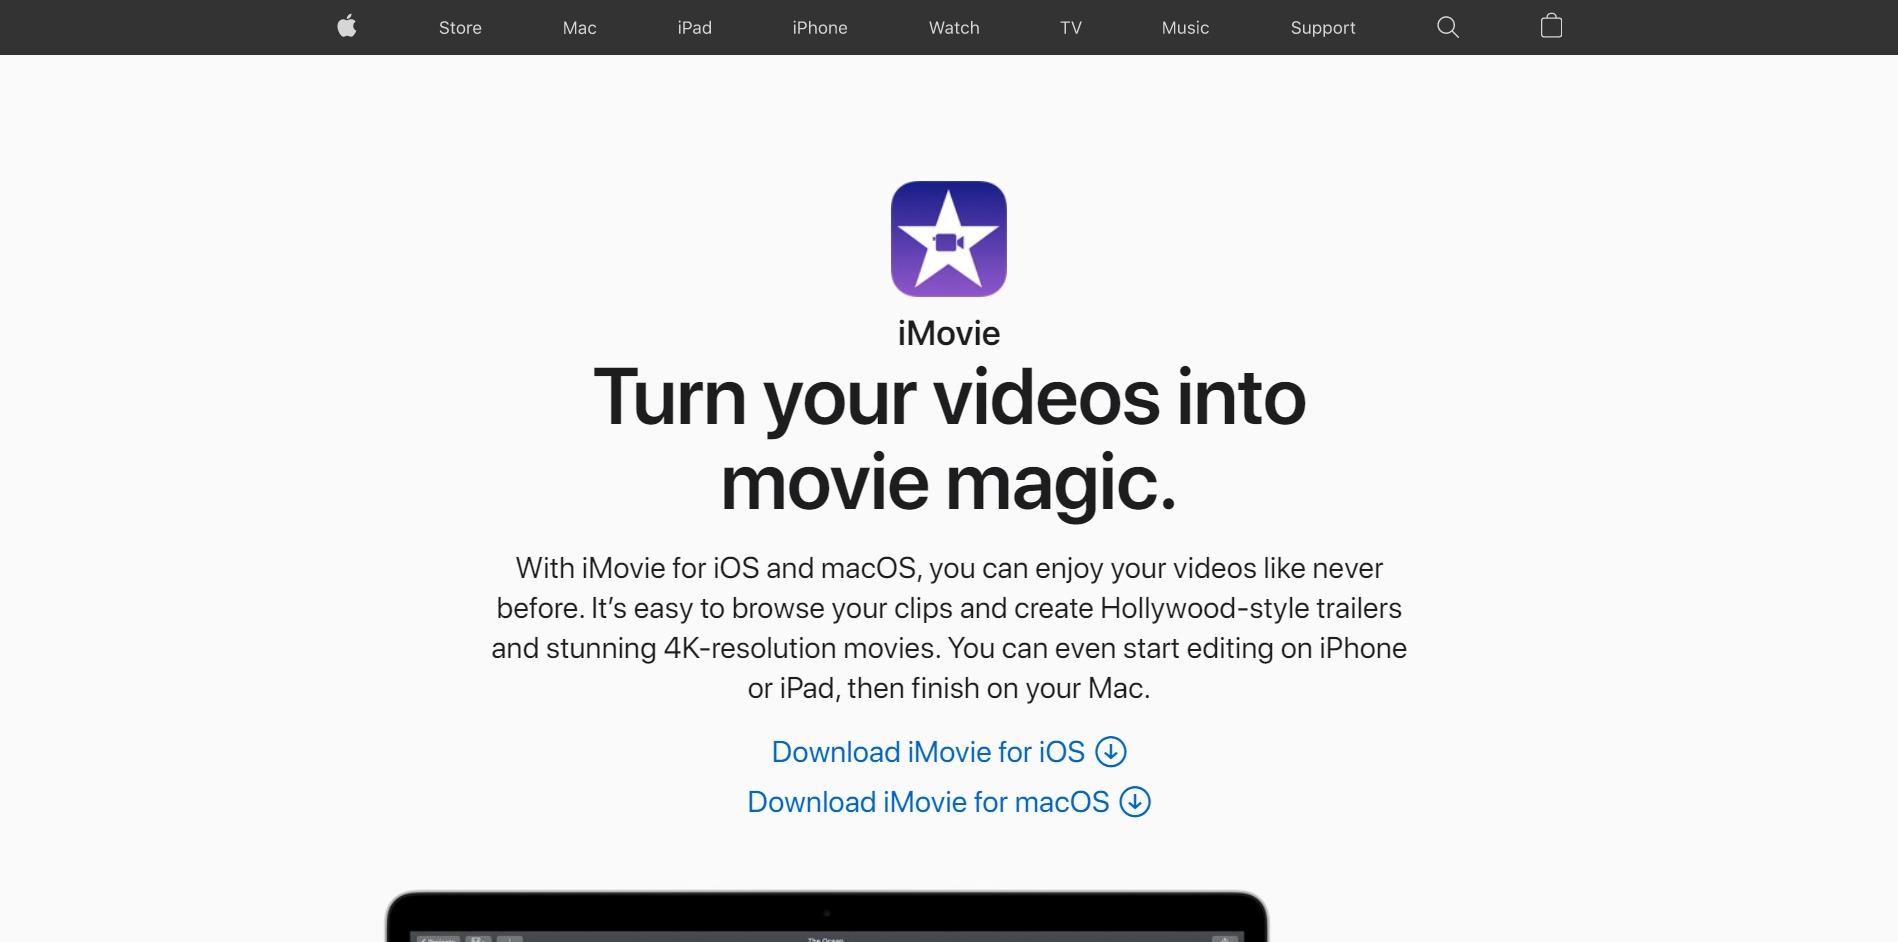 iMovie - Main Page